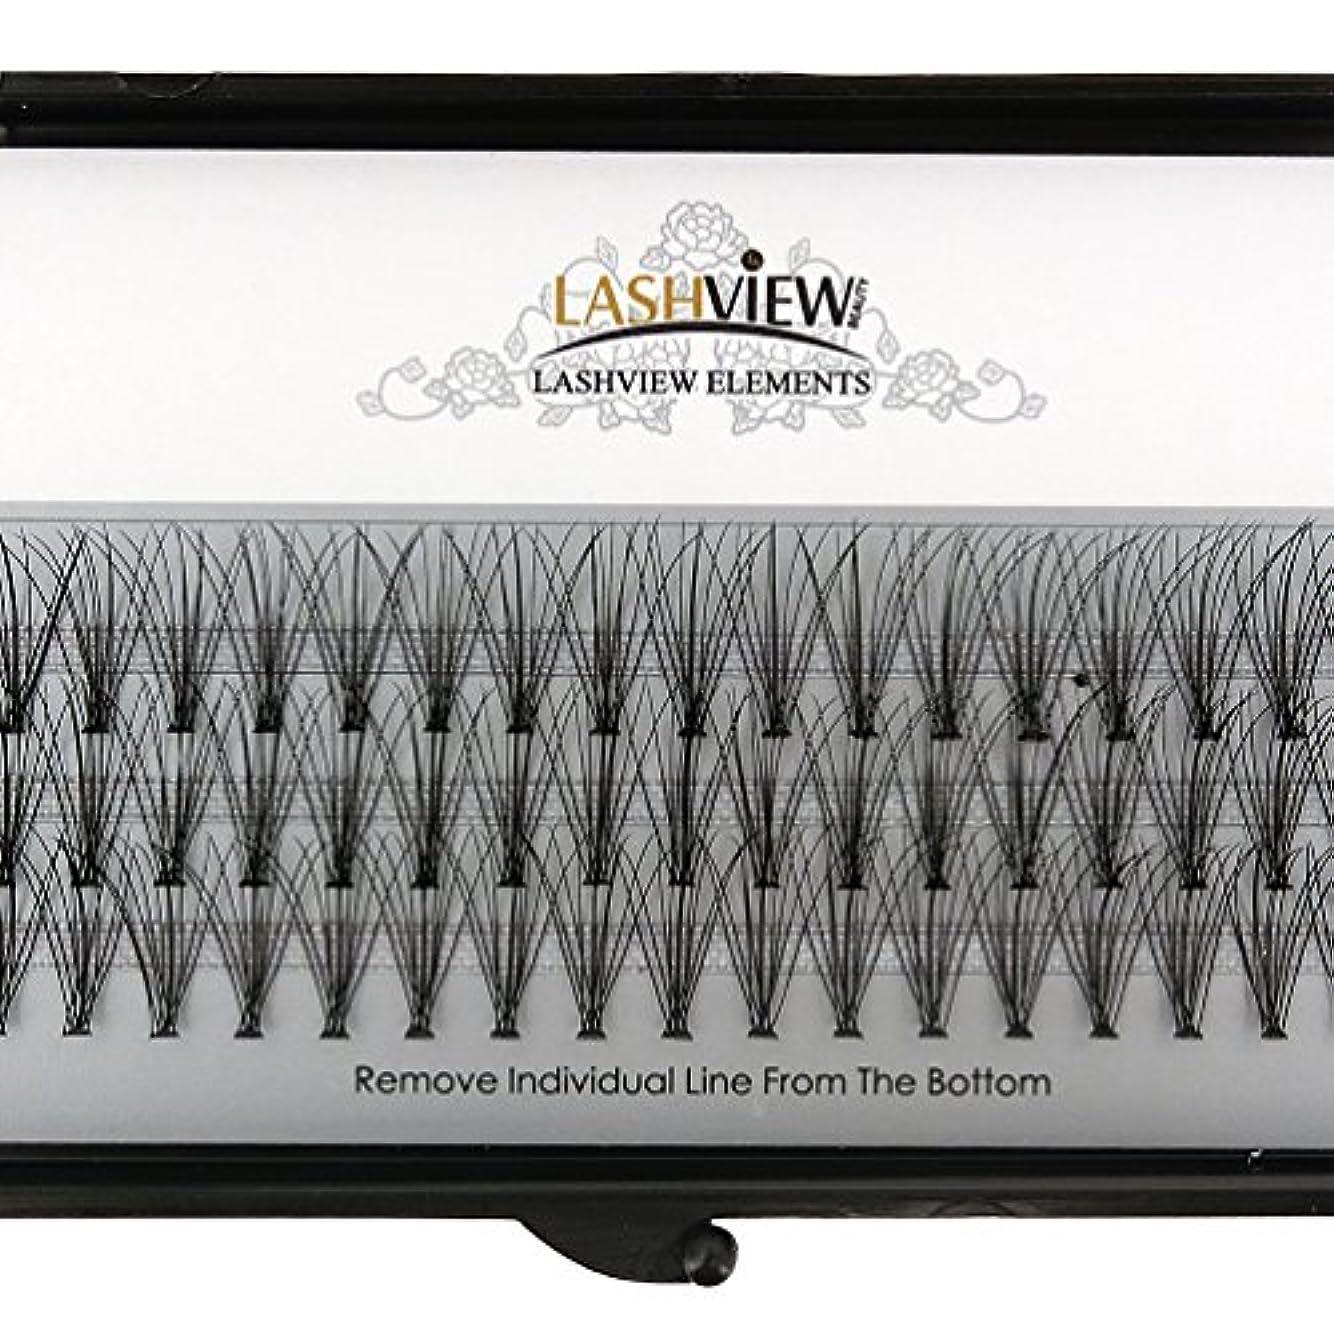 ブリード忠実一方、LASHVIEW 高品質まつげエクステ太さ0.10mm Cカール フレア セルフ用 素材 10本束12mm マツエク